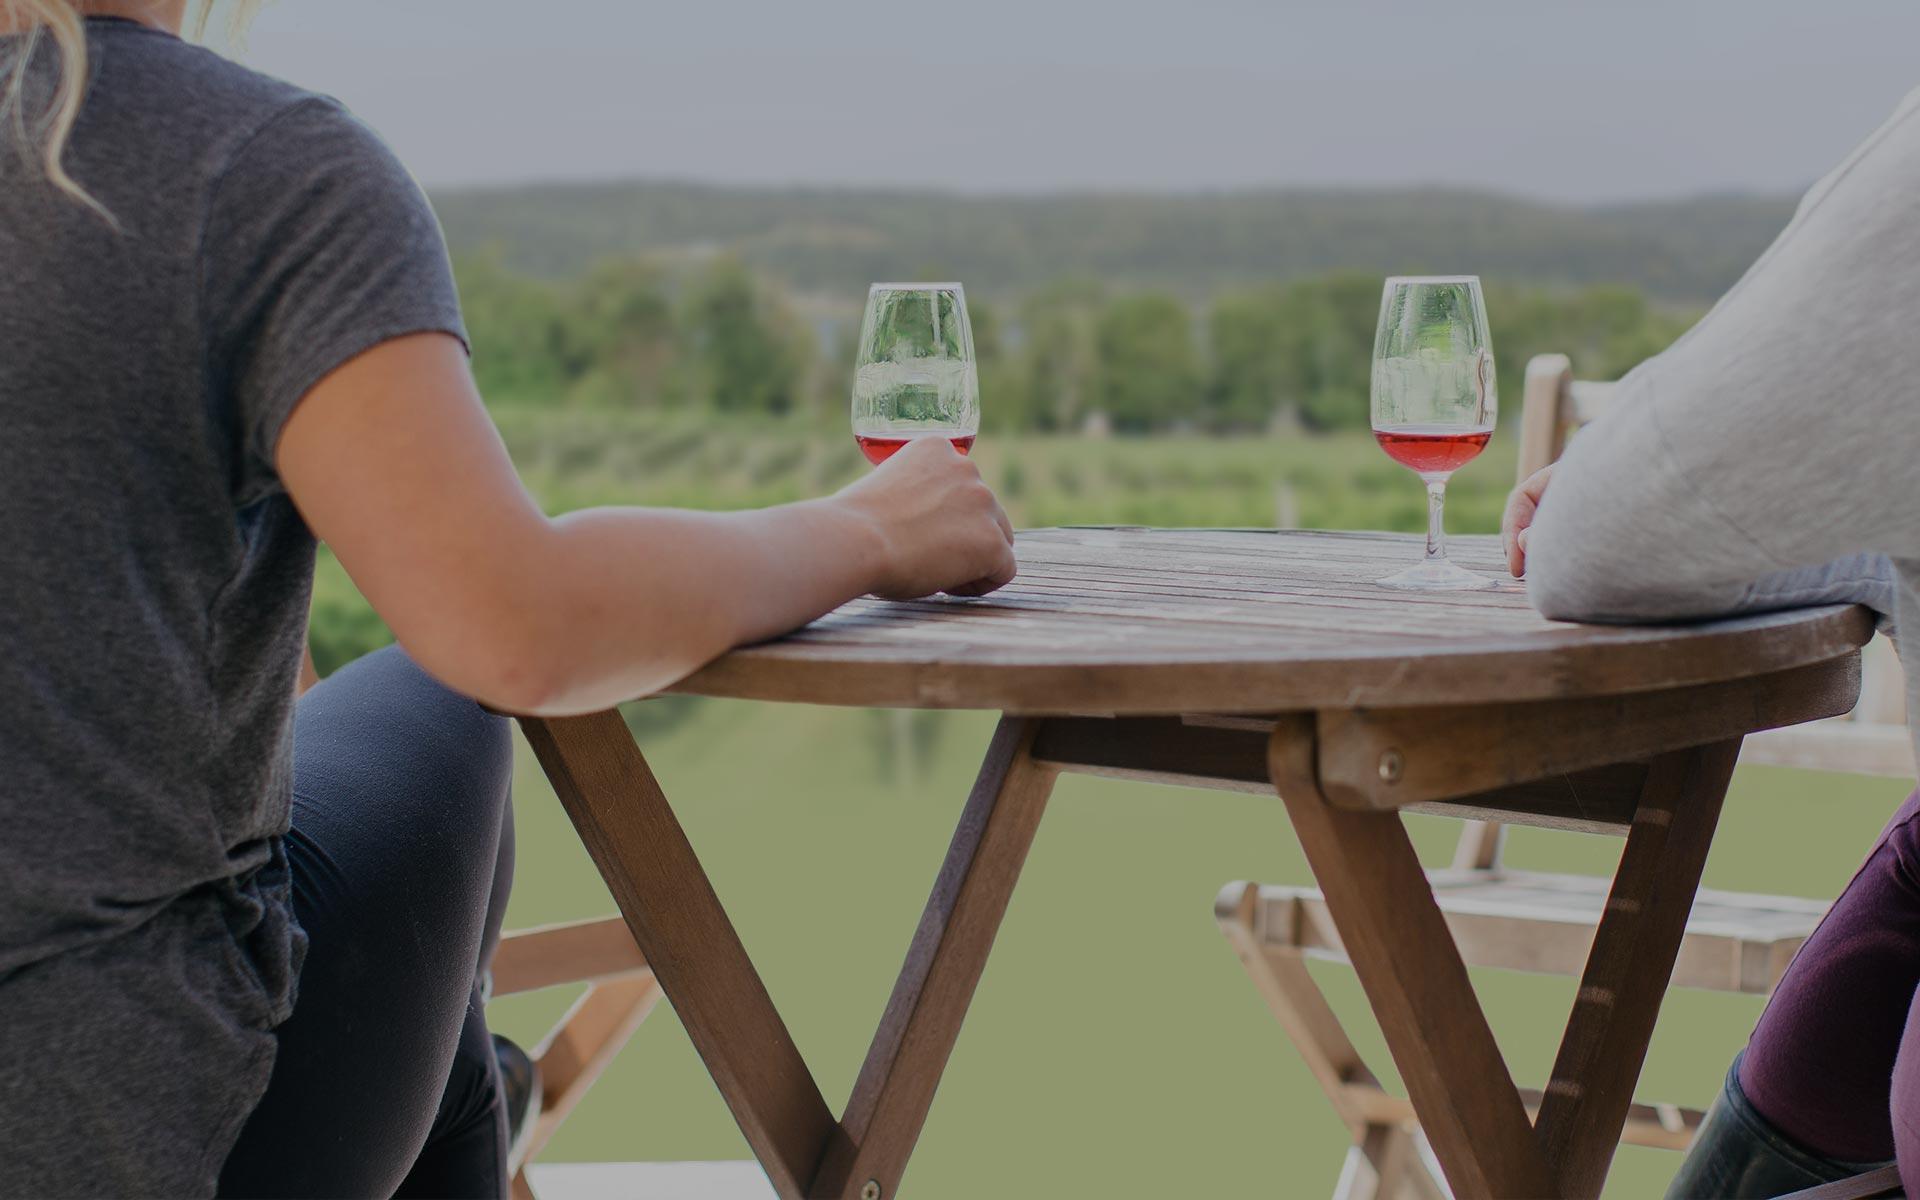 <h1>Vos amis, vos voisins, votre nouveau vin pr&eacute;f&eacute;r&eacute;.</h1>  <p>Nous repoussons les limites de la production vinicole au Nouveau-Brunswick sans franchir la fronti&egrave;re.</p>